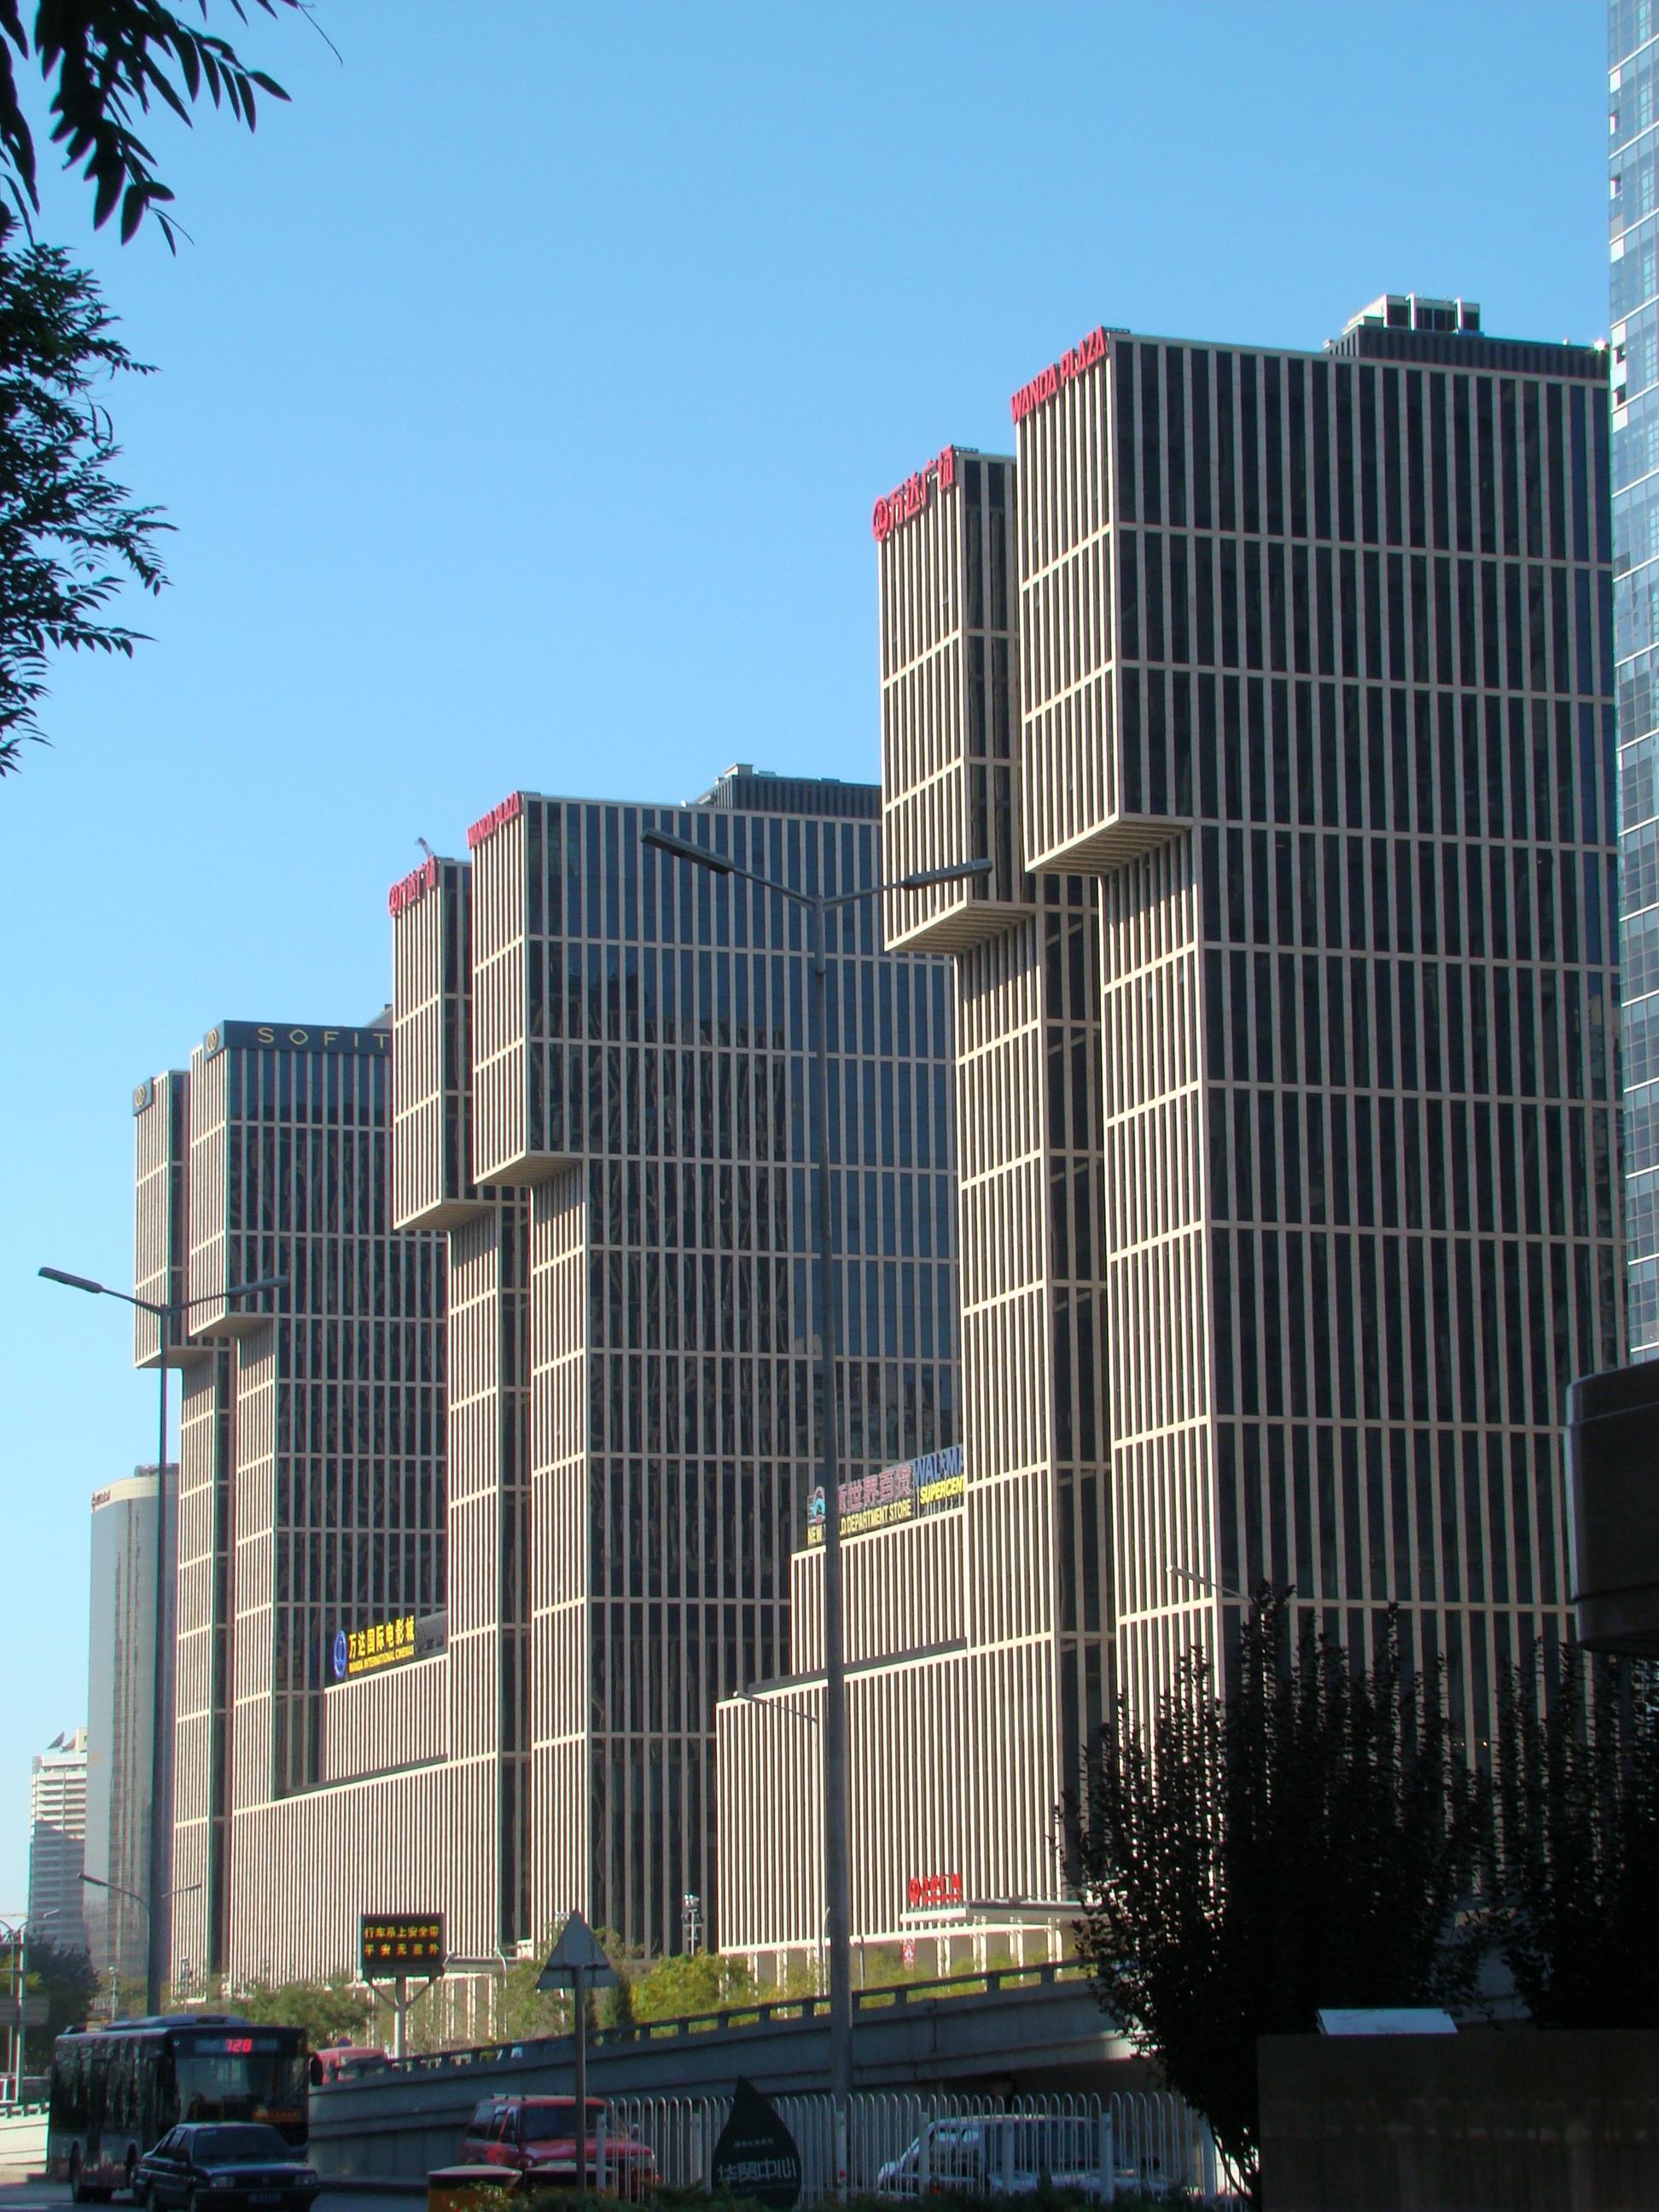 Wanda Group Wikipedia